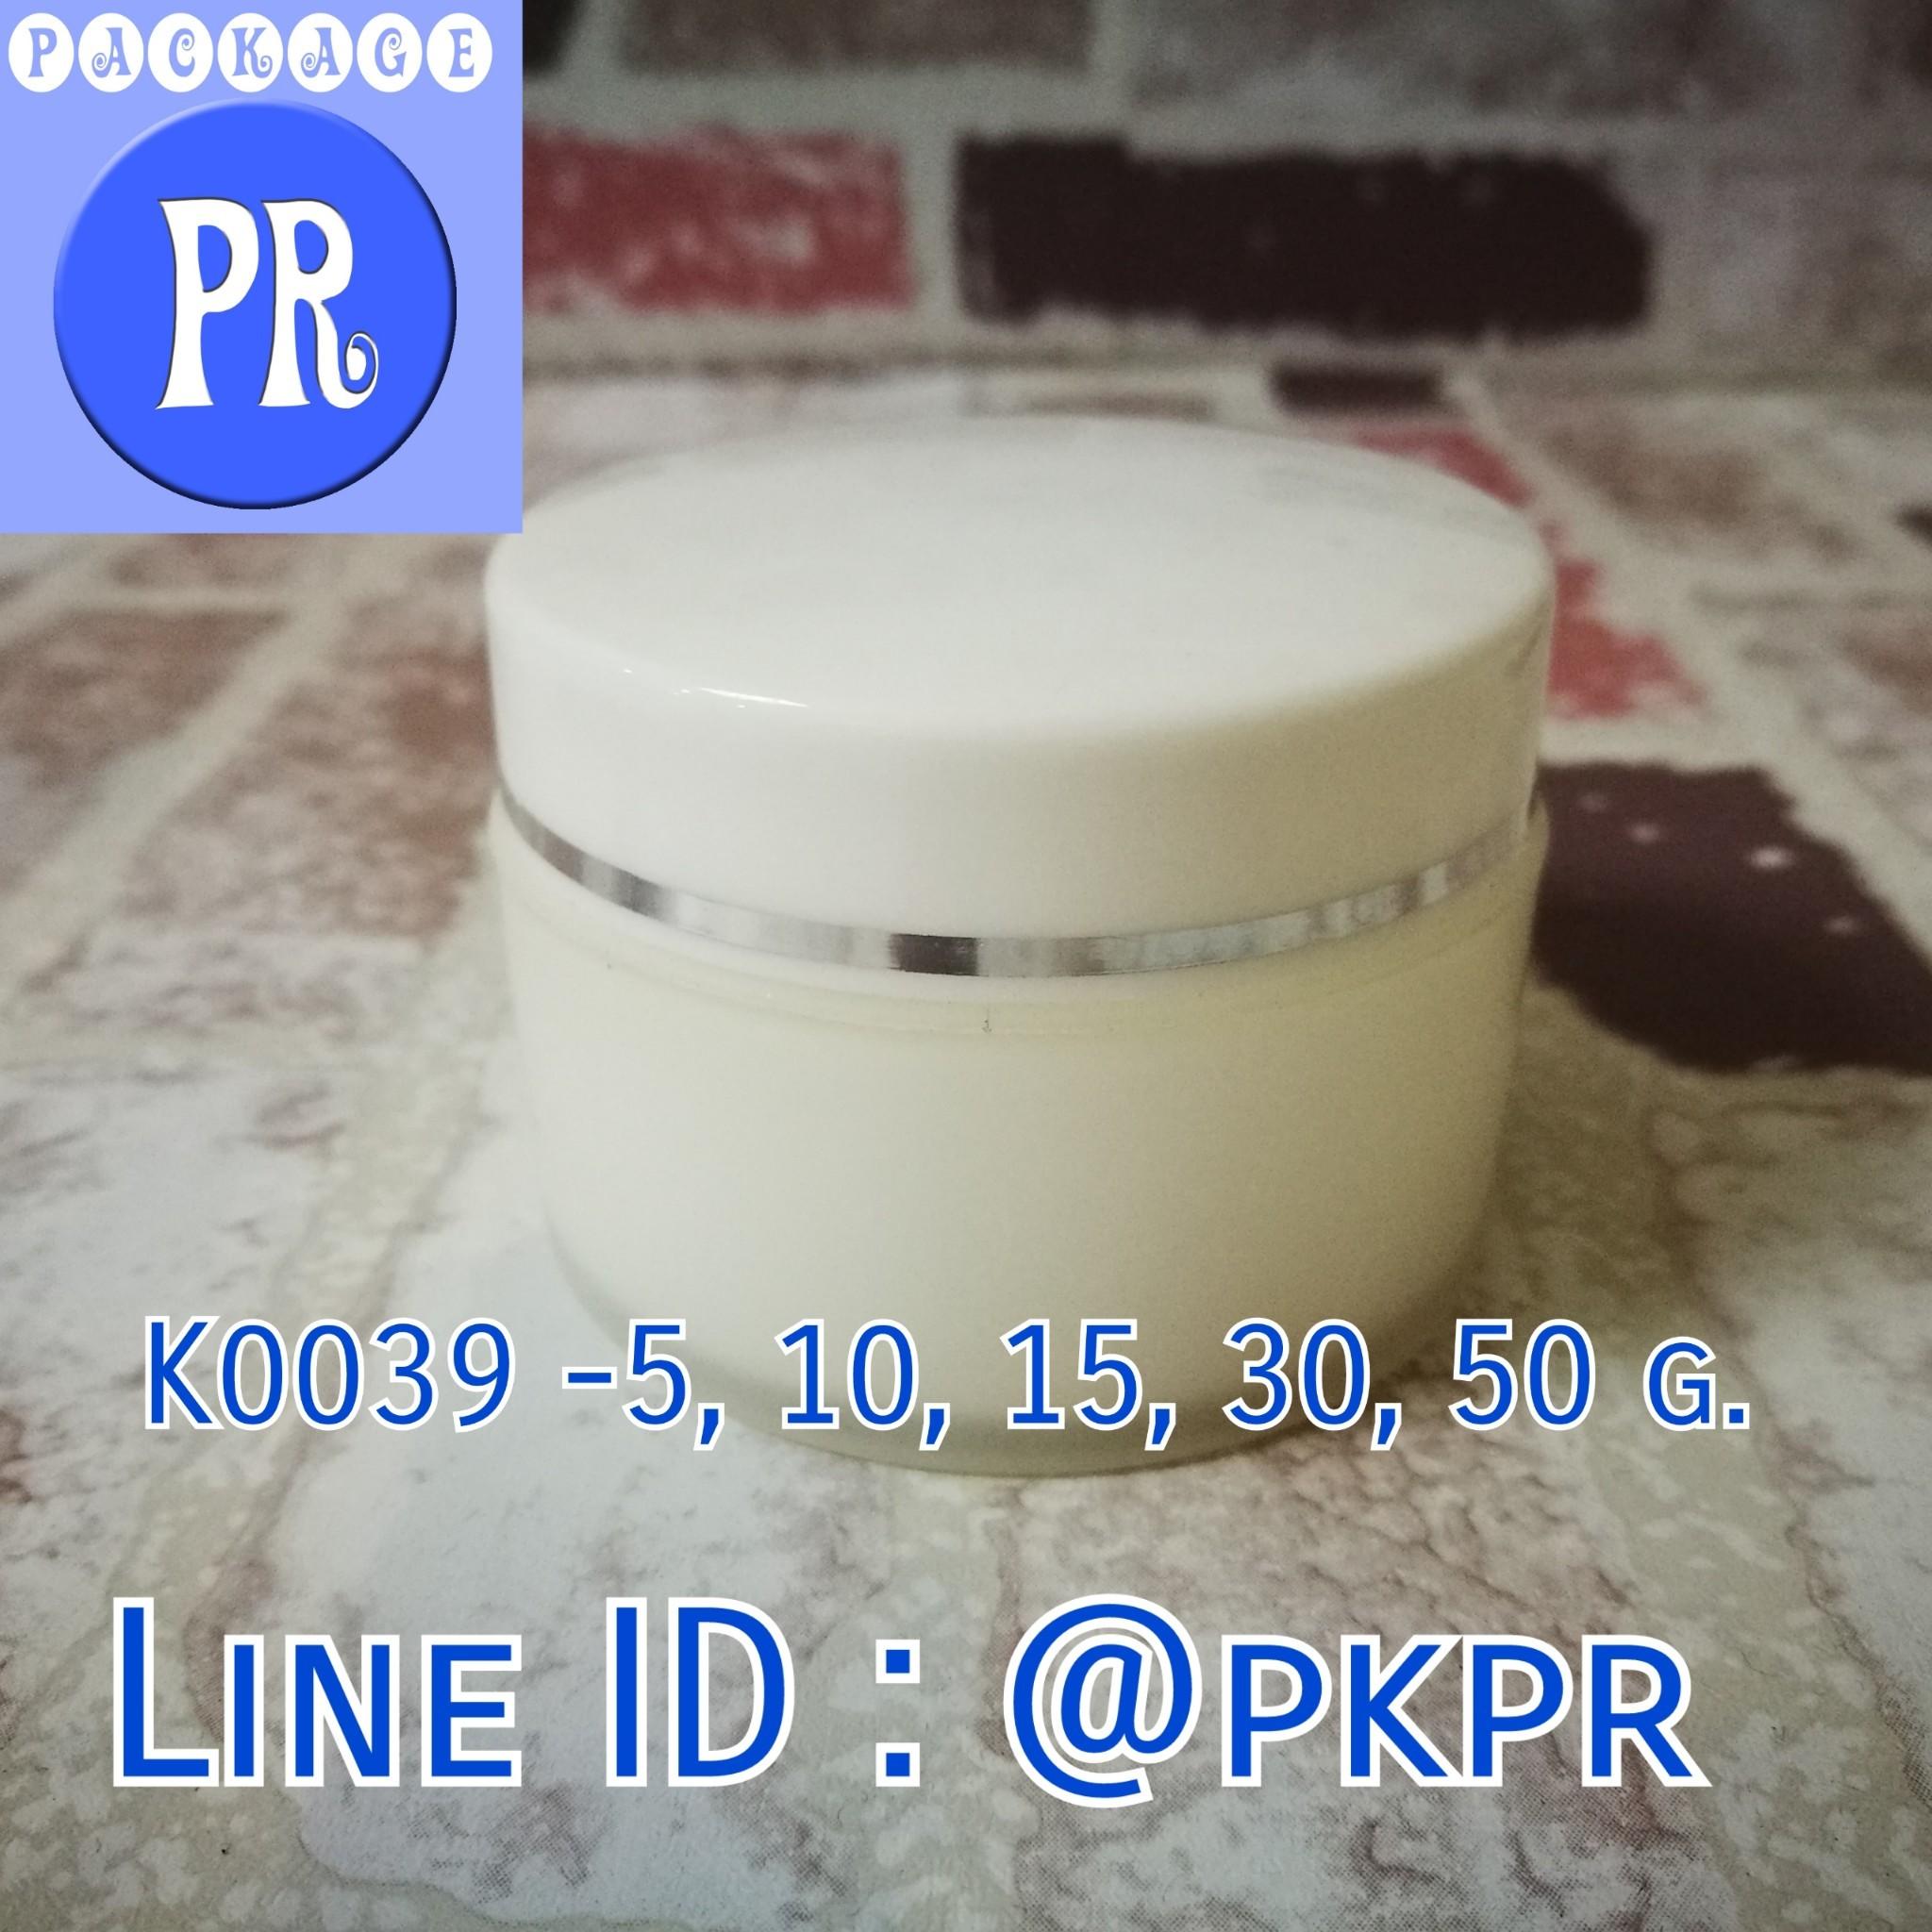 K0039 - 50 g.